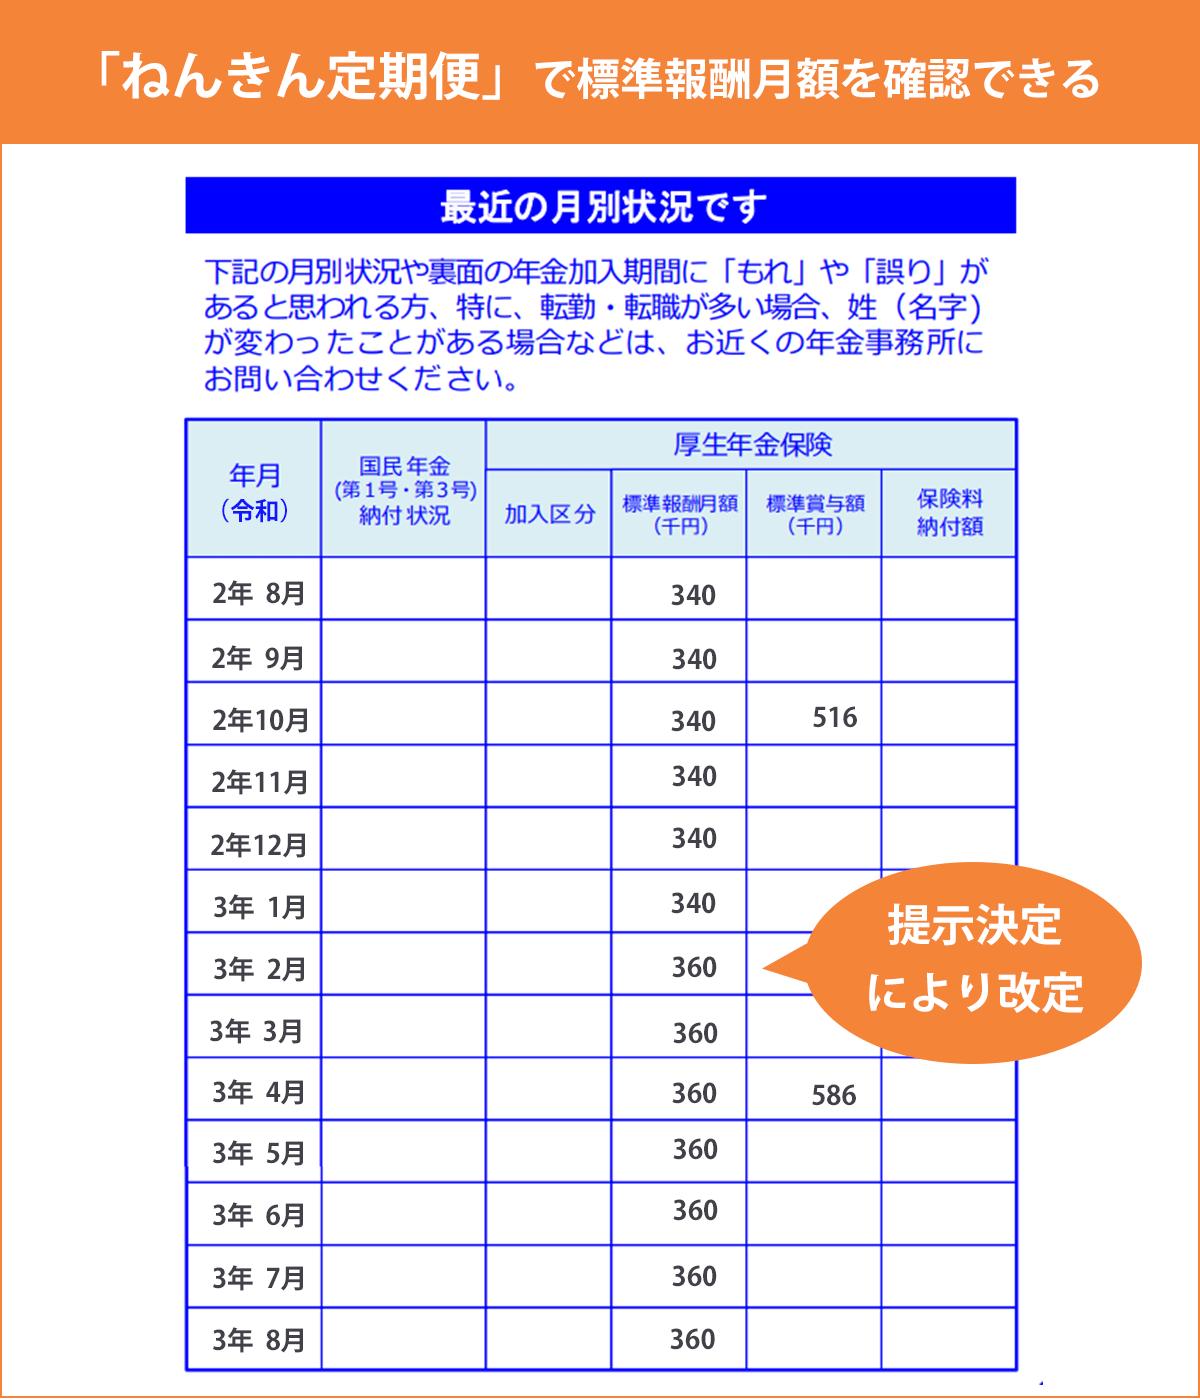 「ねんきん定期便」での標準報酬月額の記載イメージ